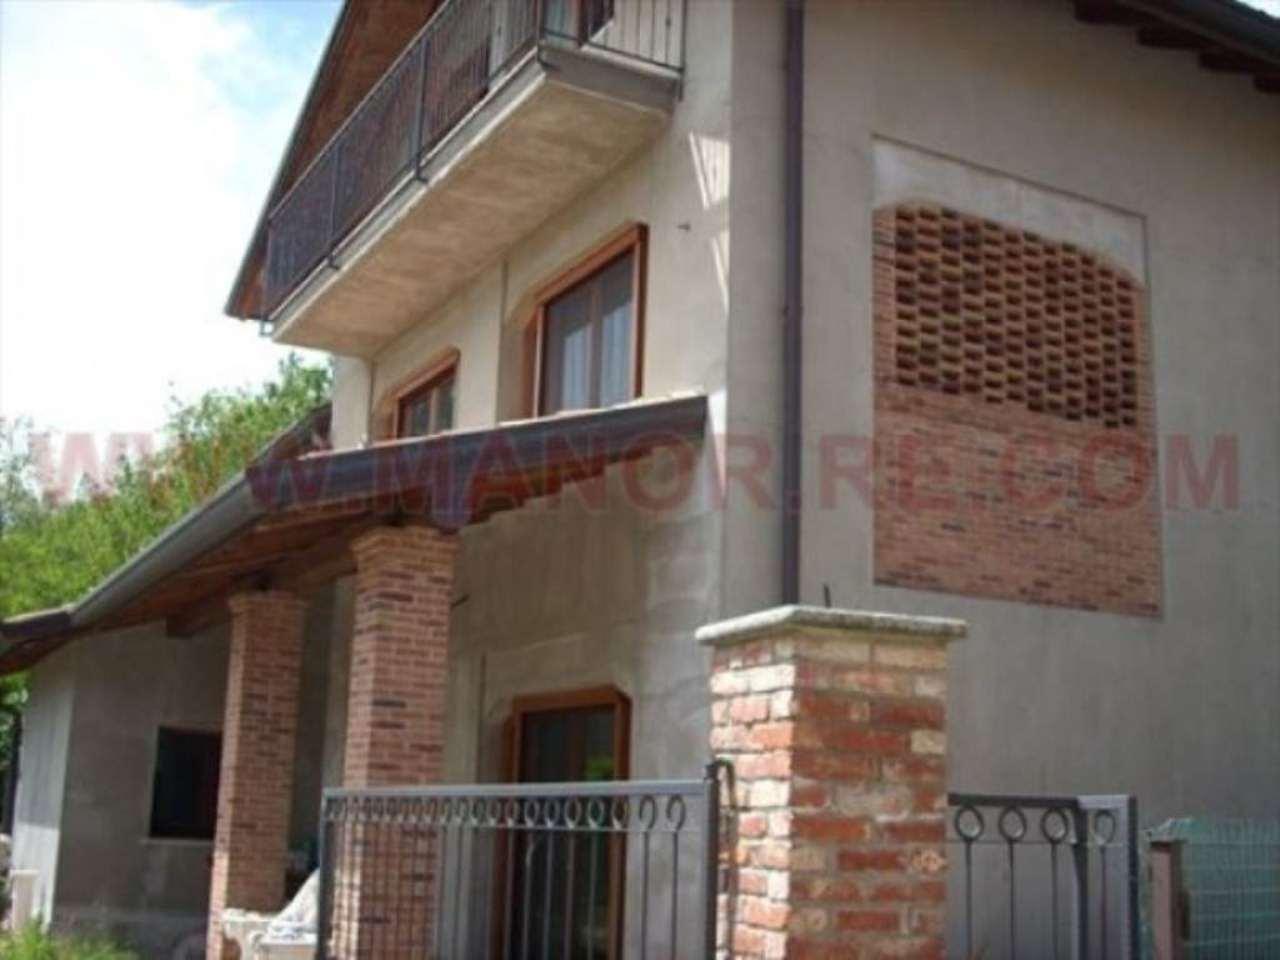 Villa in vendita a Gornate-Olona, 5 locali, prezzo € 520.000 | CambioCasa.it